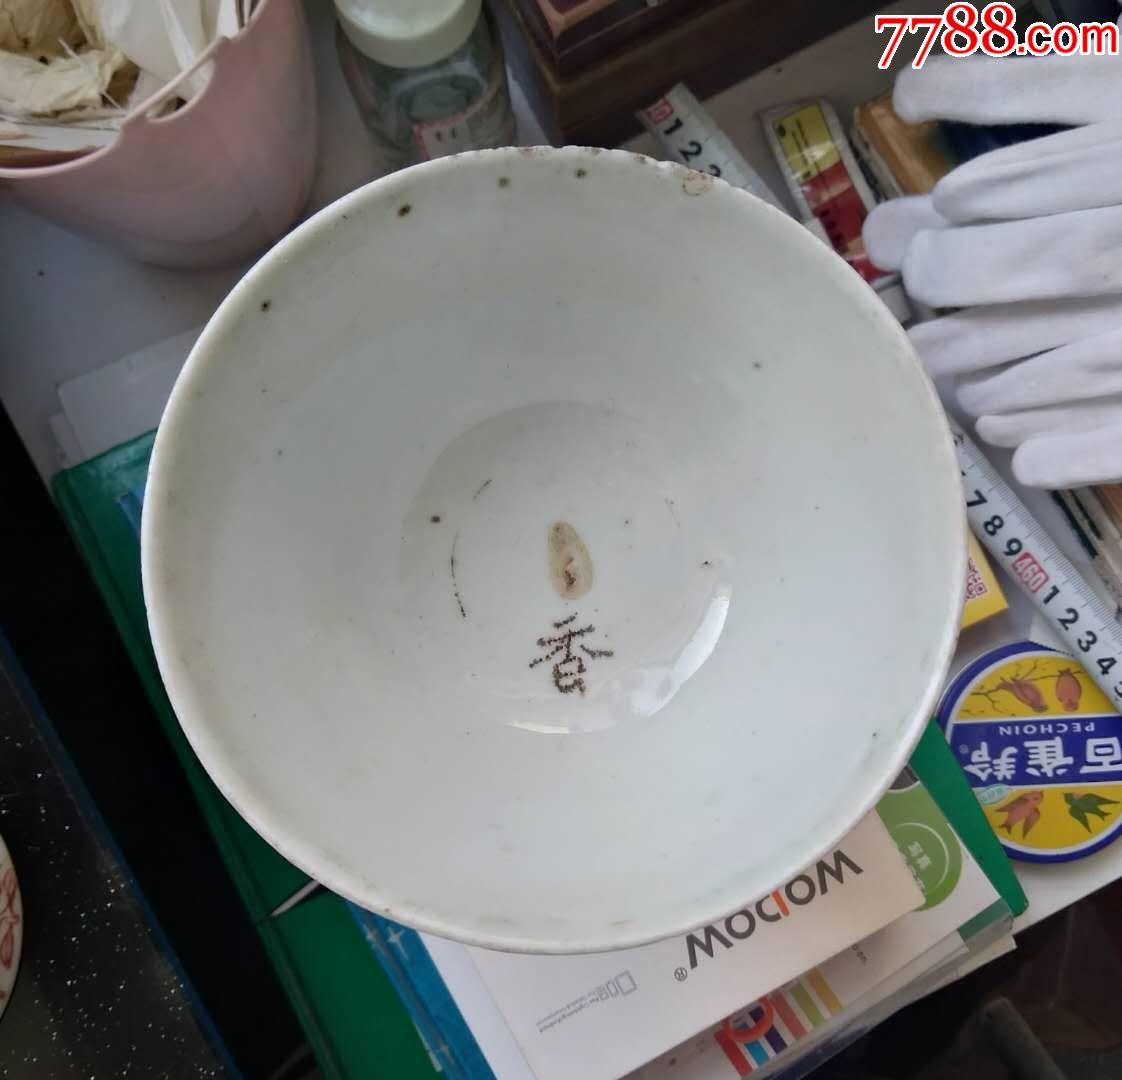 盖与碗(轻微磕可见两条短线)_价格32元_第2张_